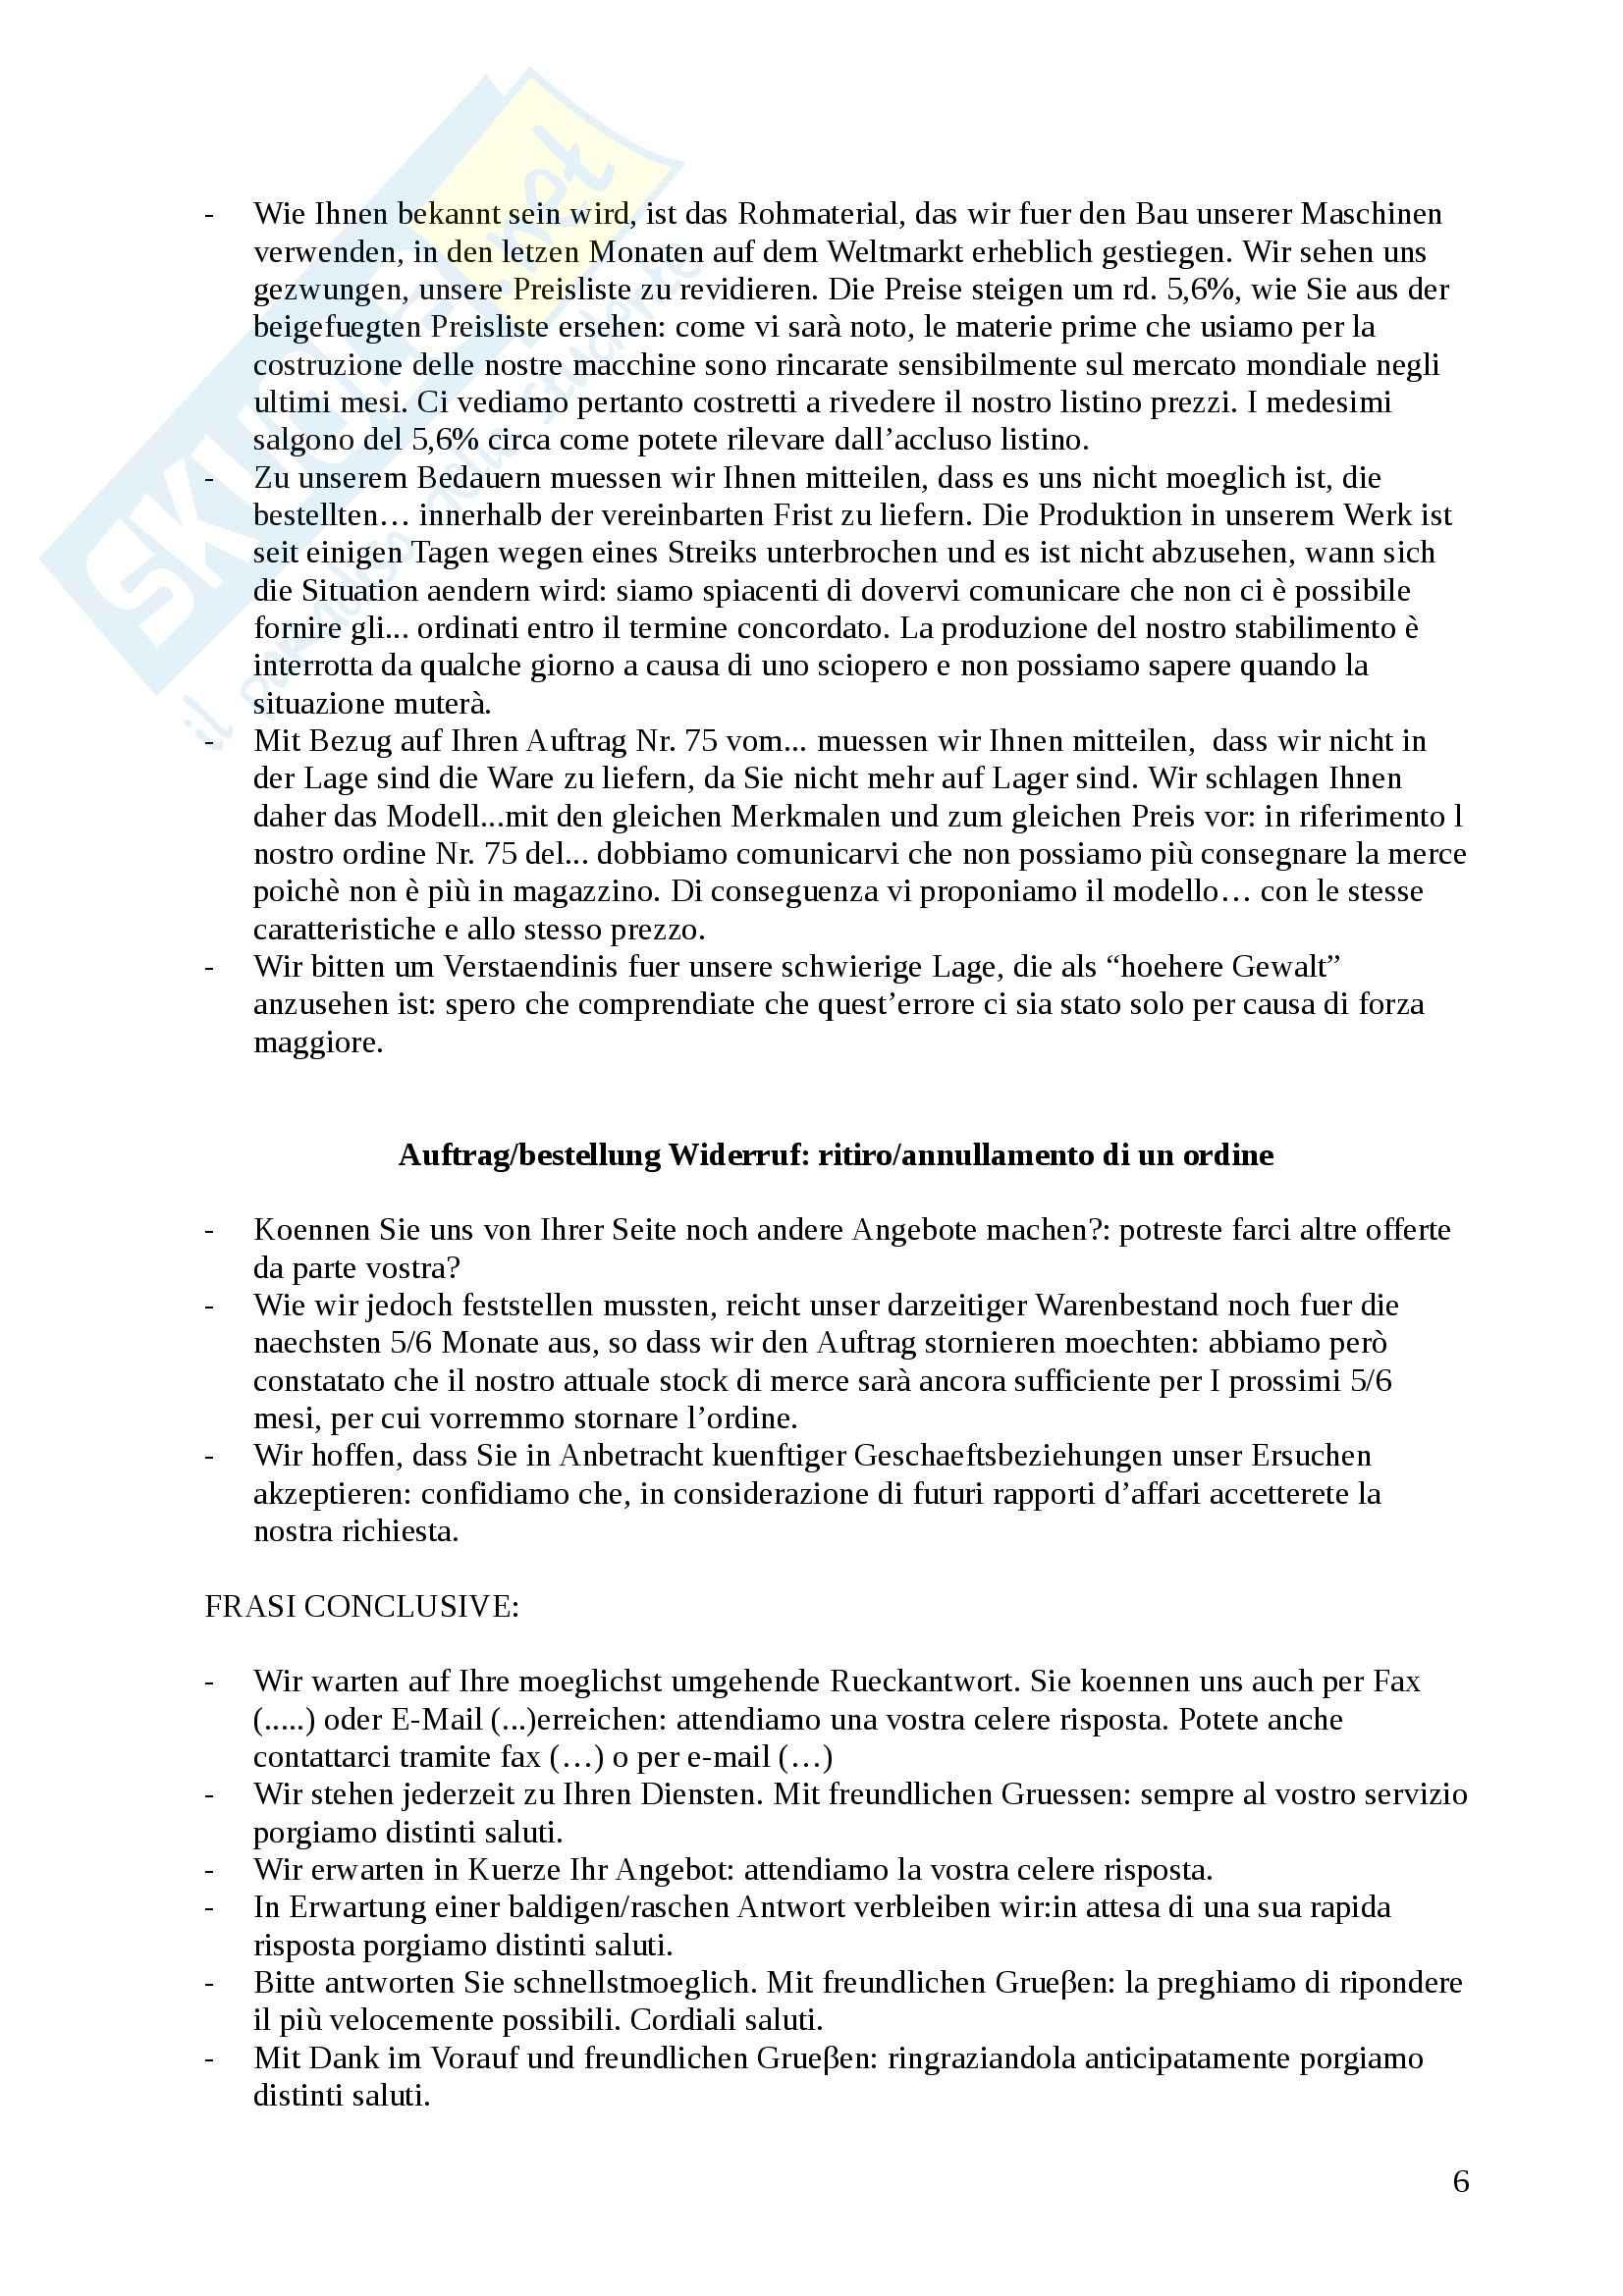 Lingua tedesca - Struttura di una lettera commerciale tedesca e tipologie Pag. 6